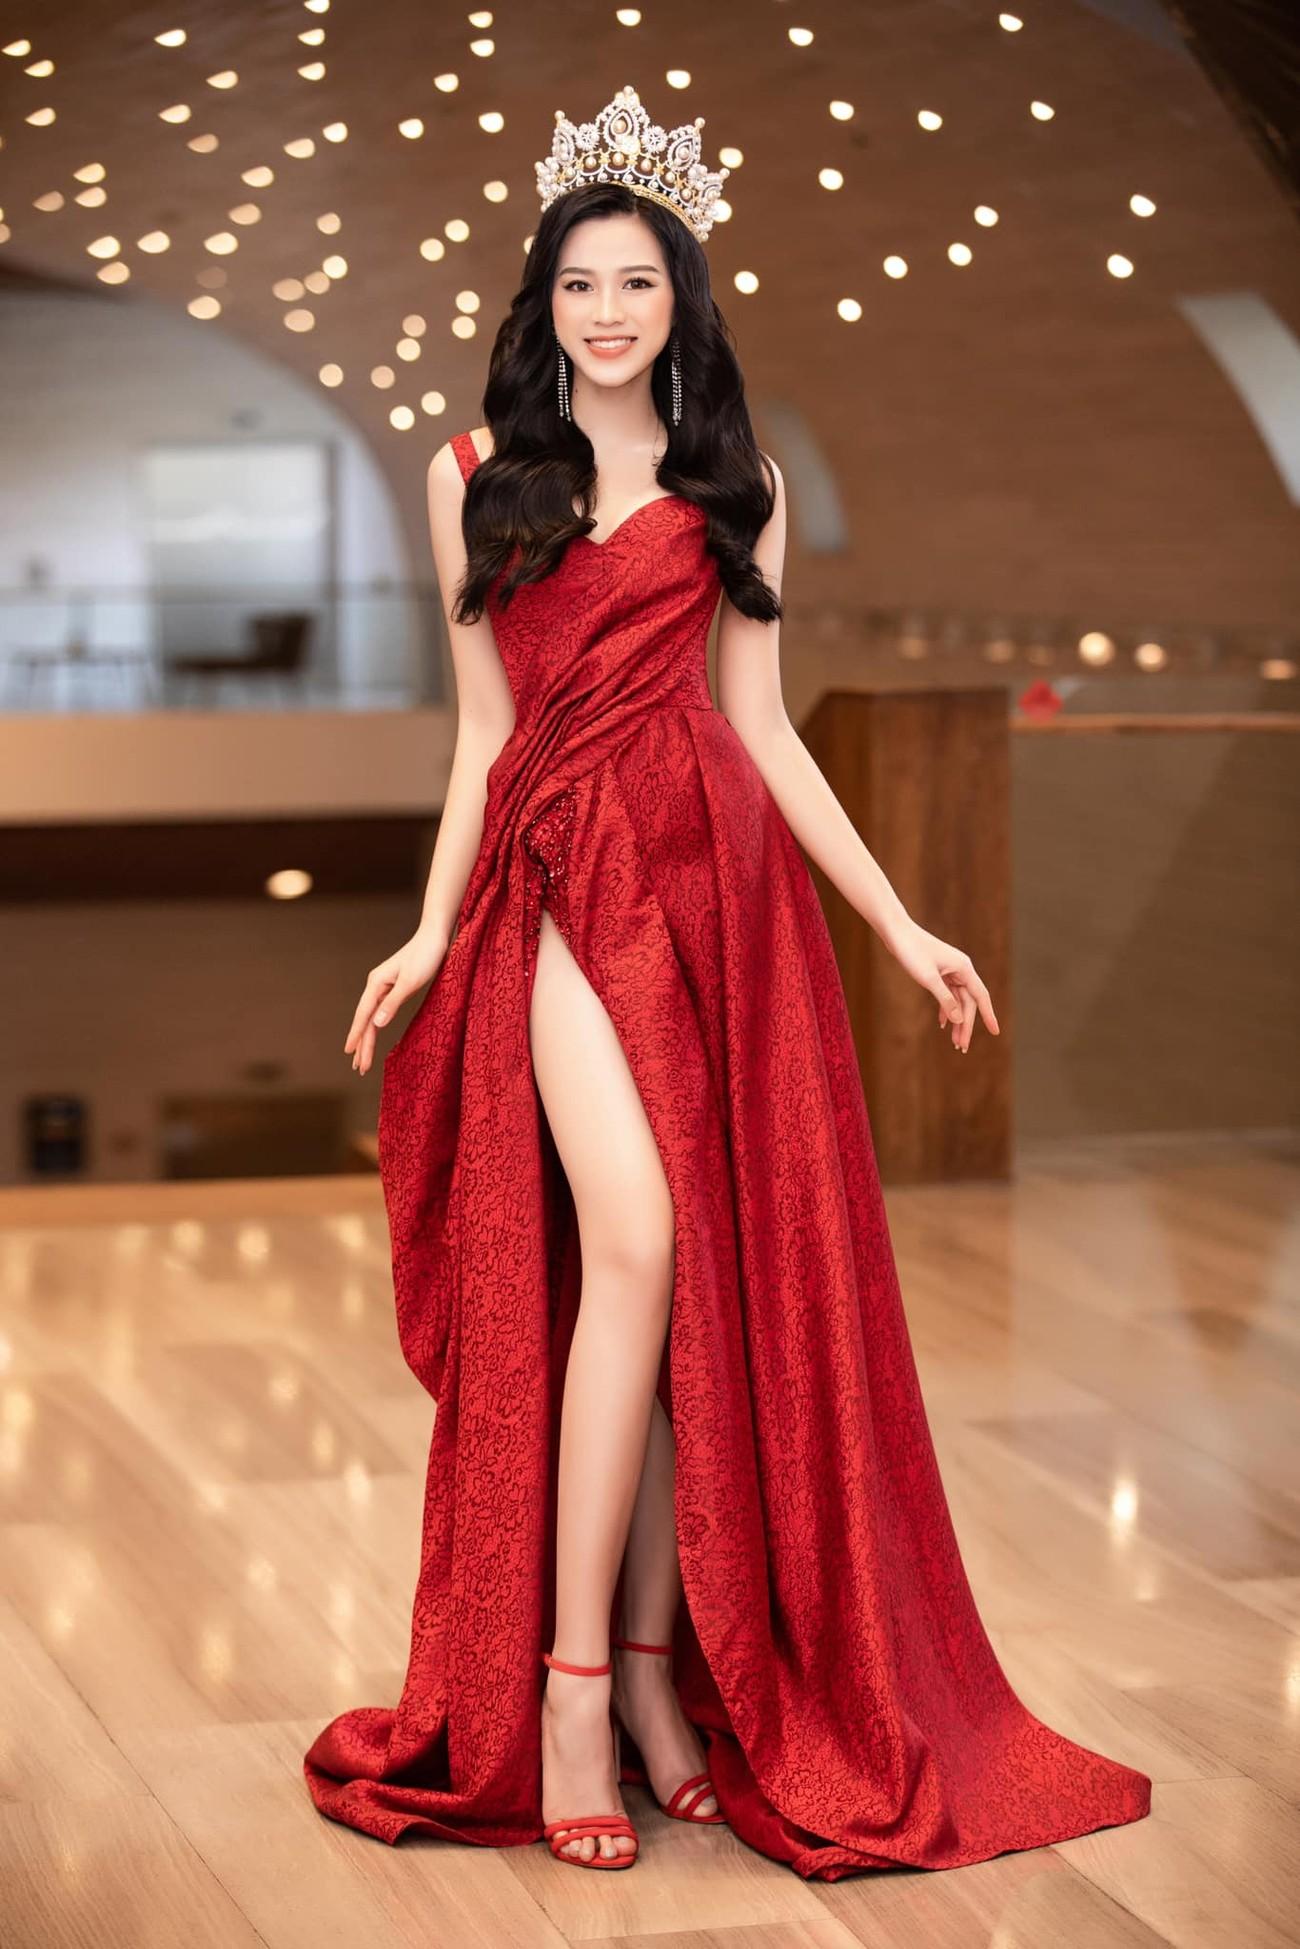 Hoa hậu Đỗ Thị Hà thần thái gợi cảm, quyền lực trong bộ đầm đỏ xẻ cao ảnh 4